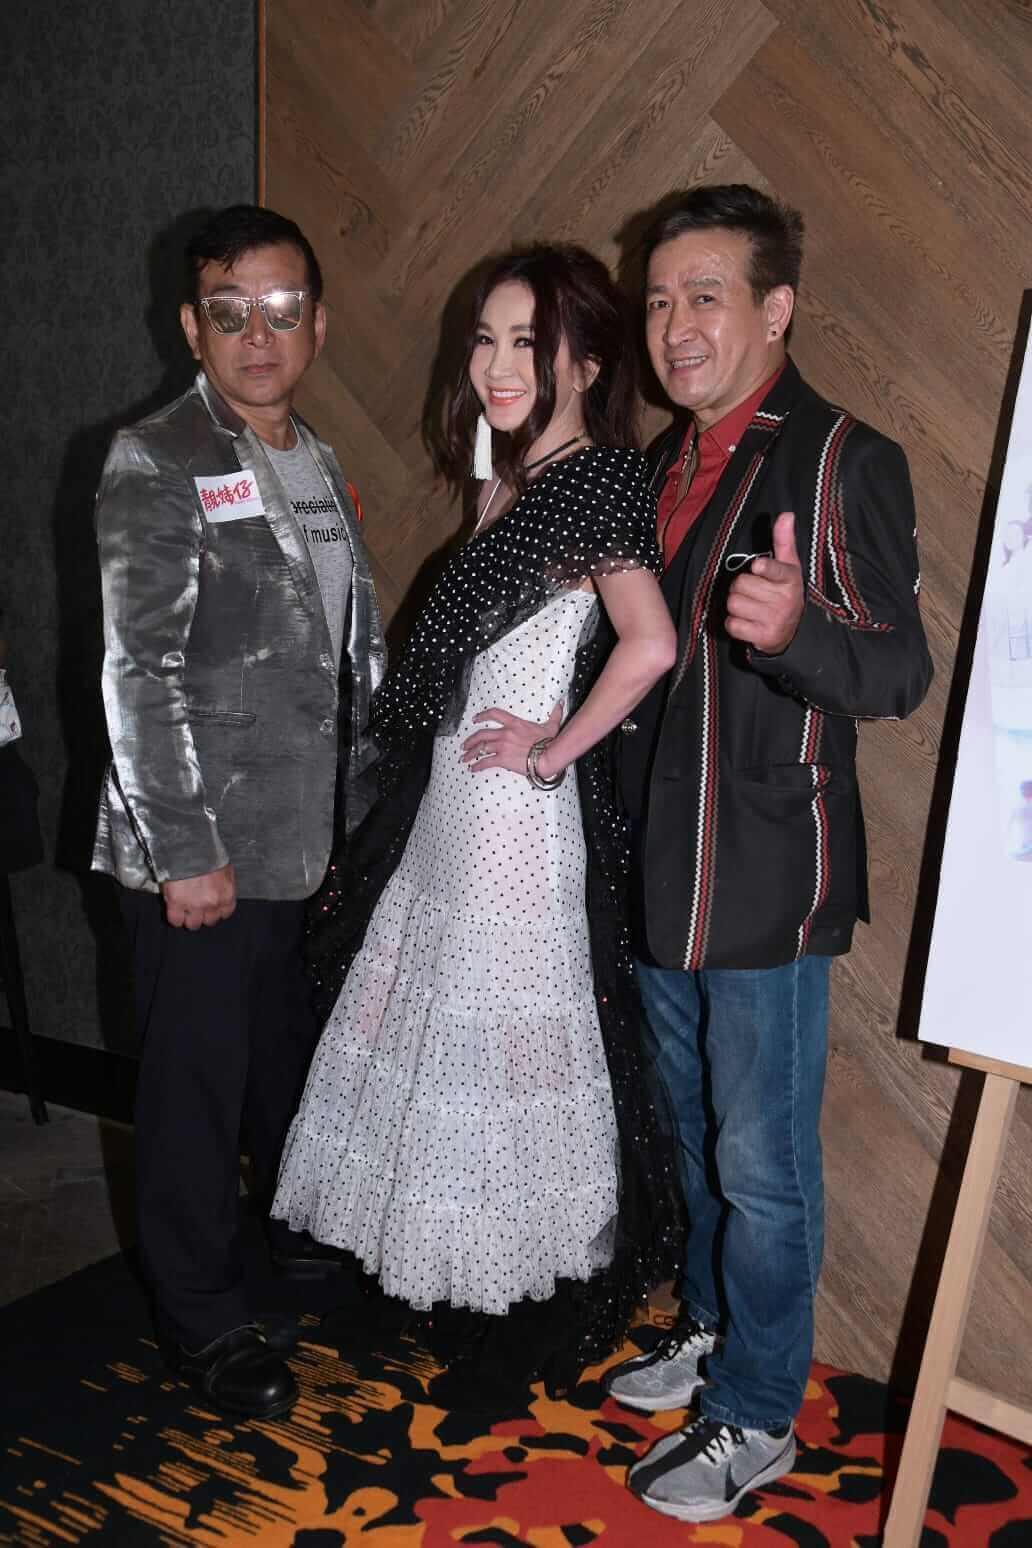 麥德羅6月24日與胞弟麥德,出席溫碧霞主演電影《靚妹仔》經典重播的VIP場活動